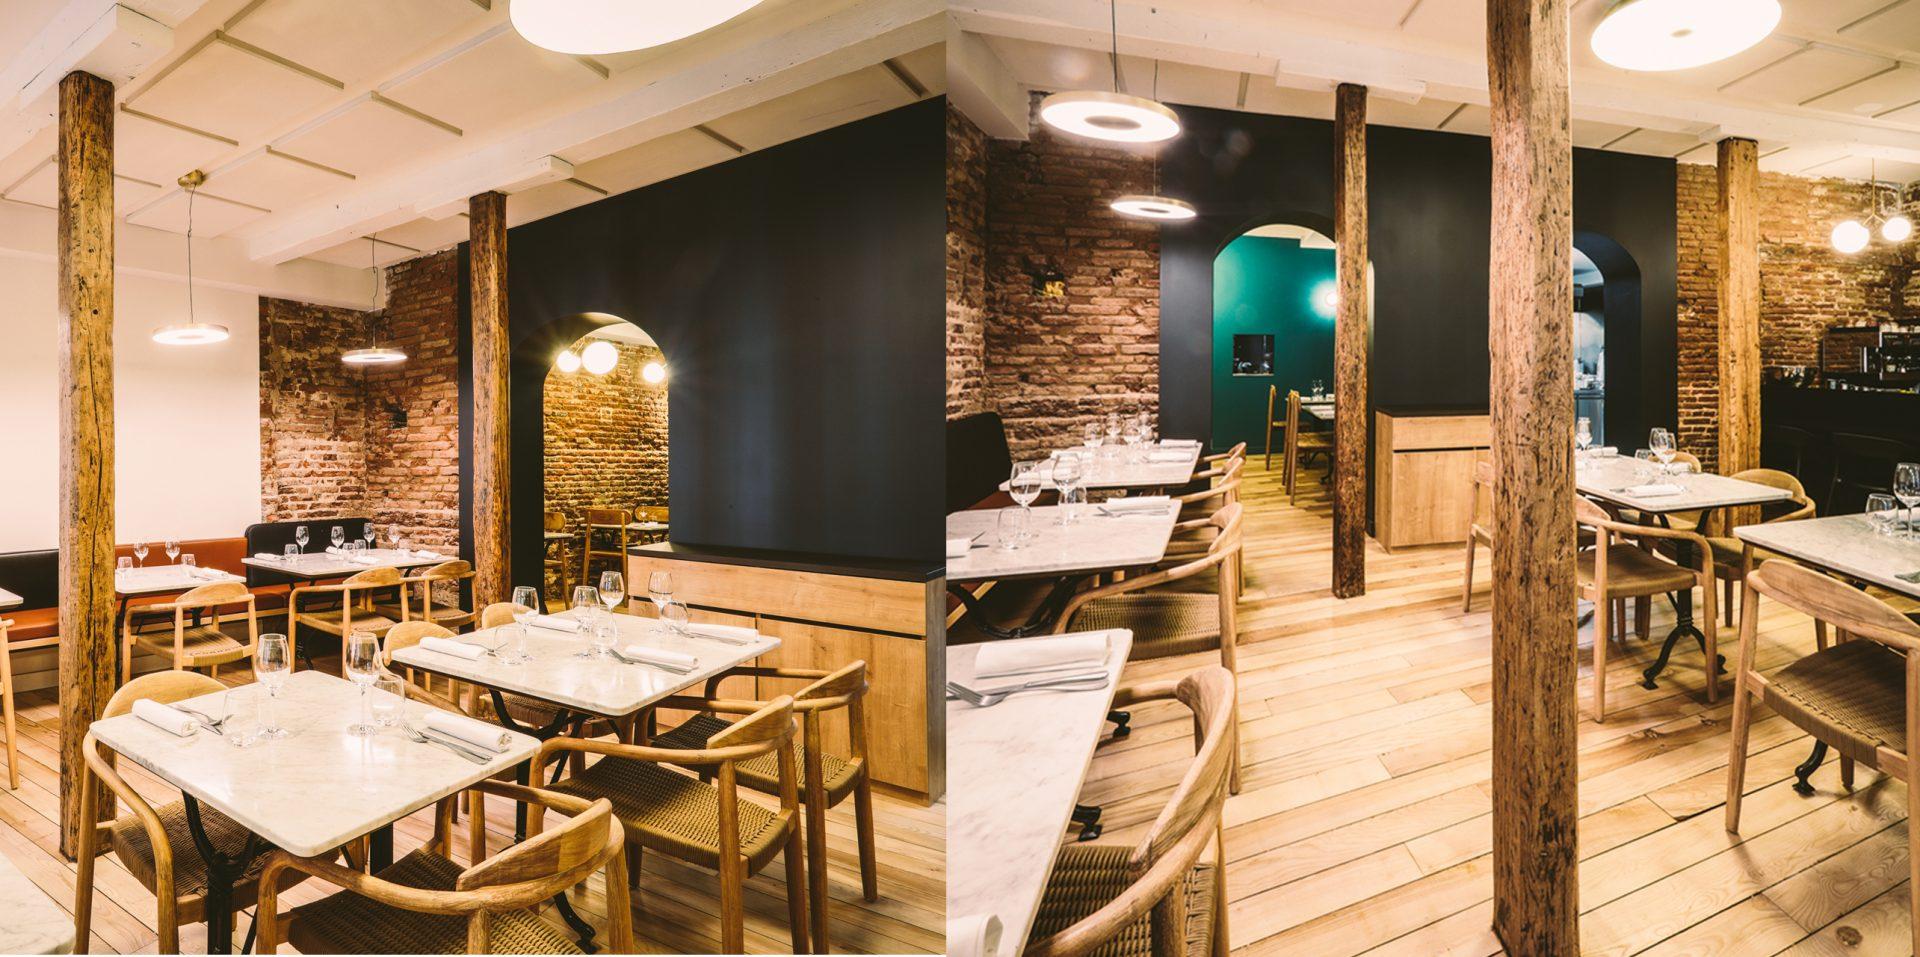 Reamenagement Restaurant CATXO Salles restaurant bis